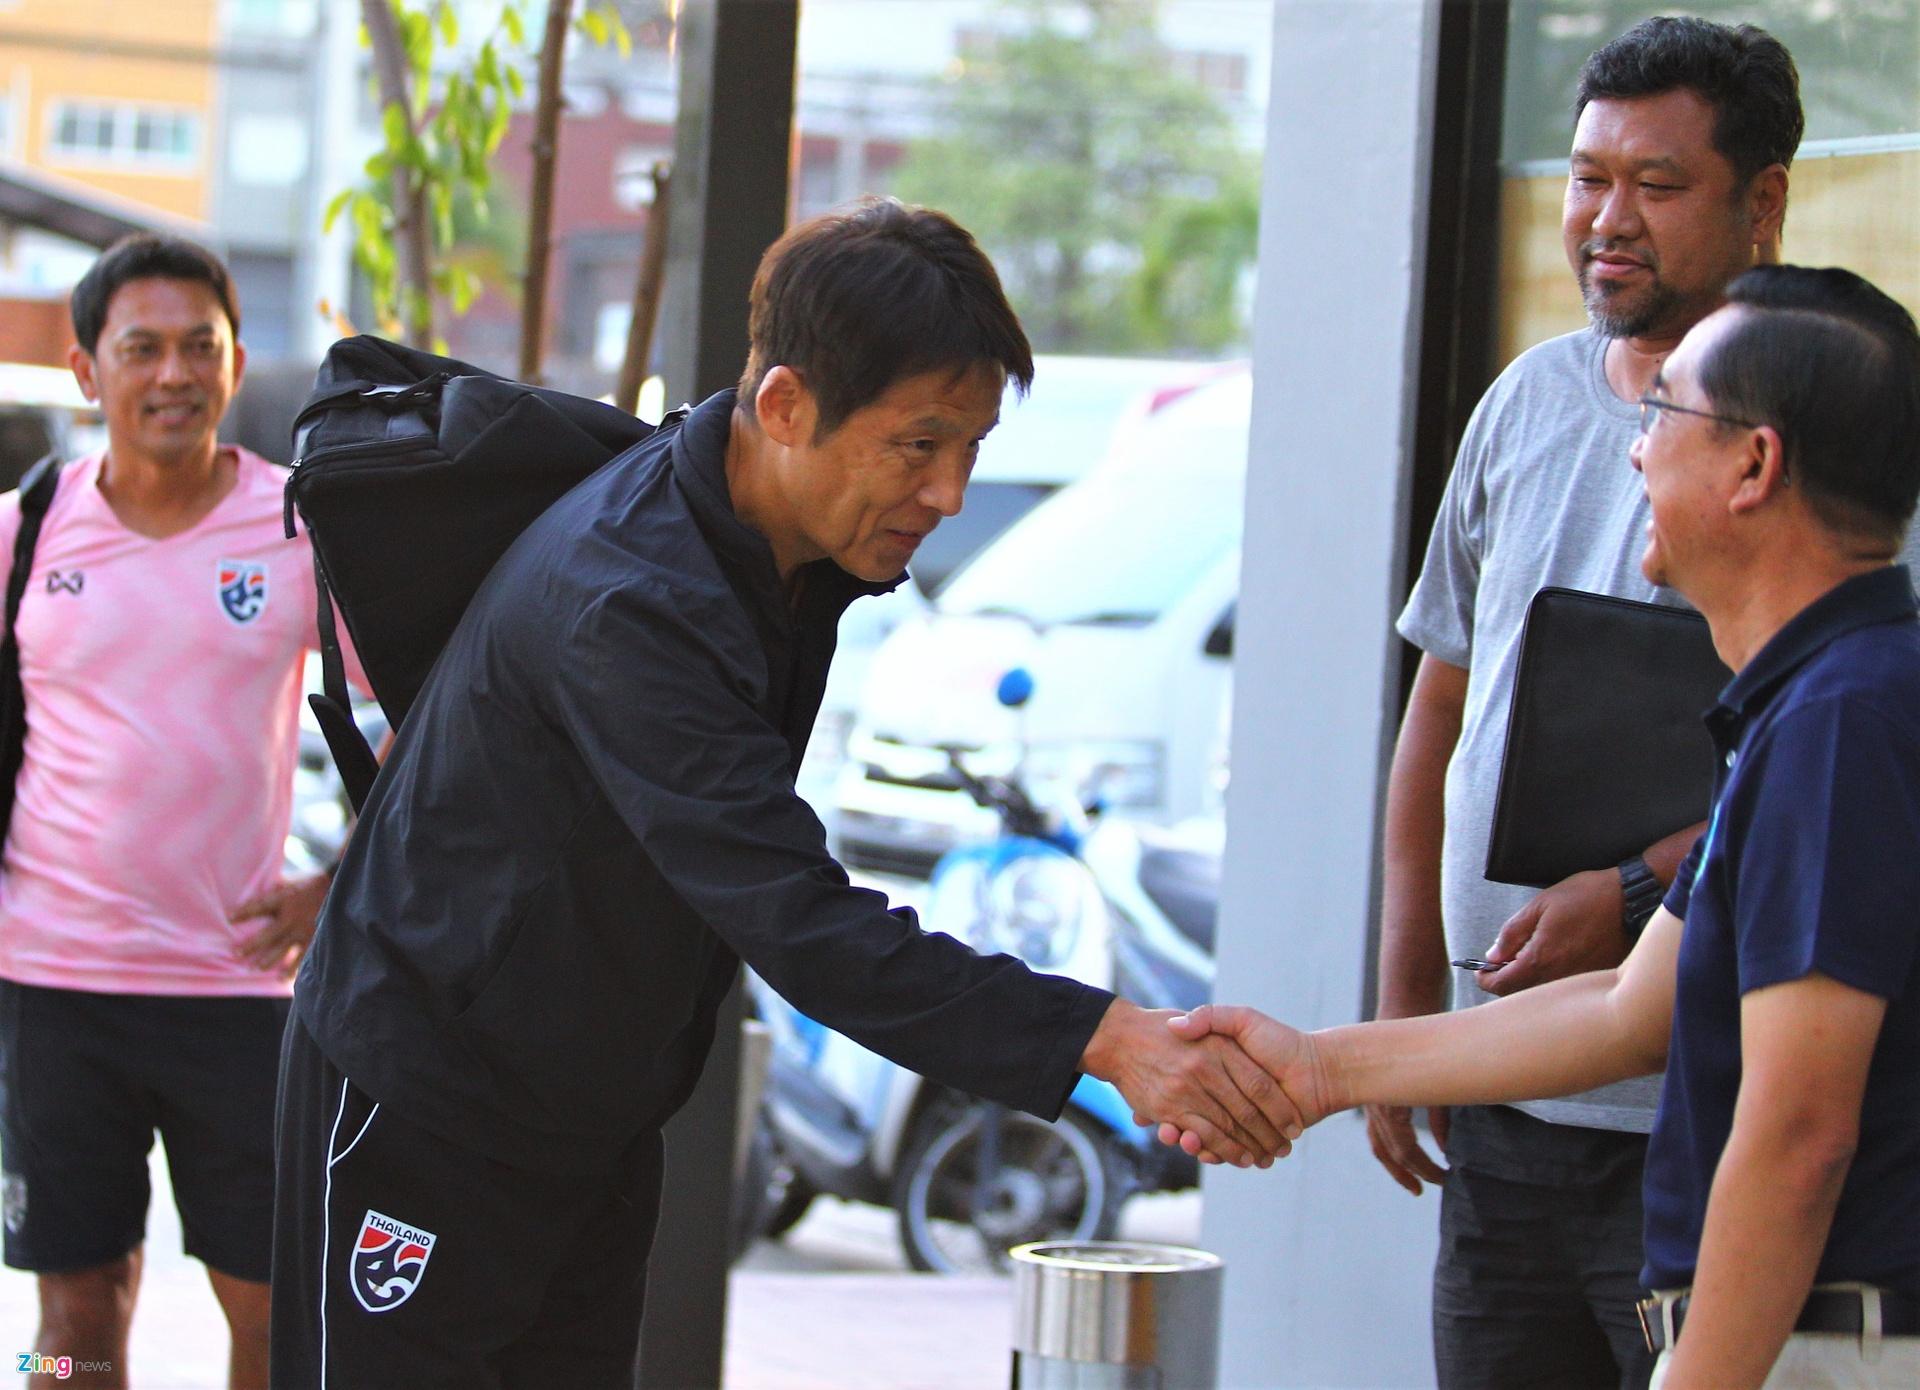 HLV Nishino nhan cai ket phu phang o Thai Lan anh 1